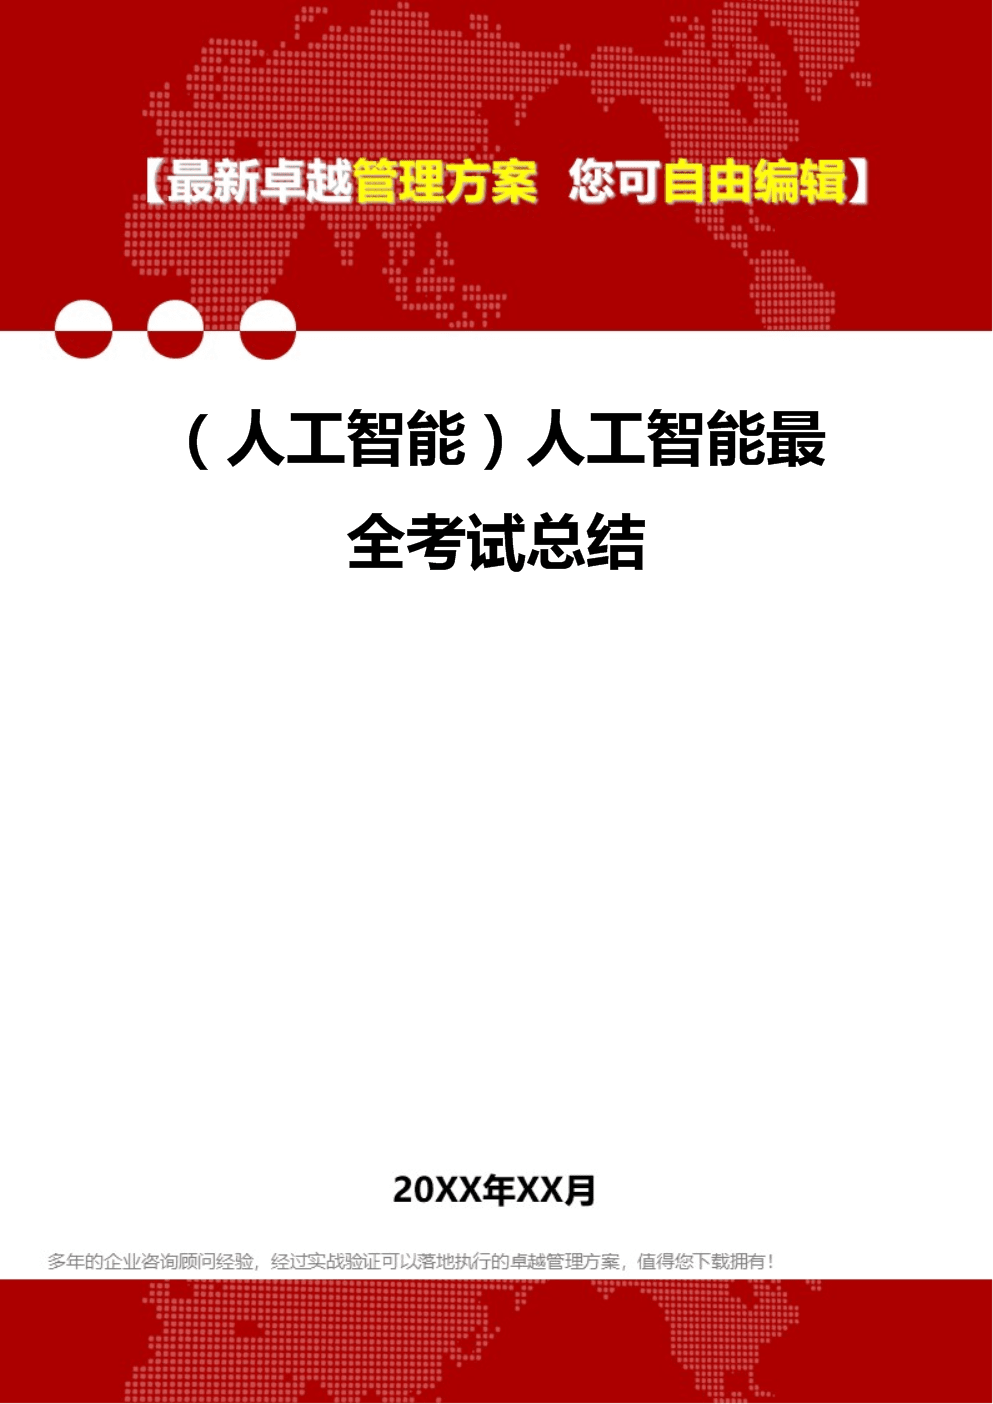 【人工智能)人工智能最全考试总结.doc